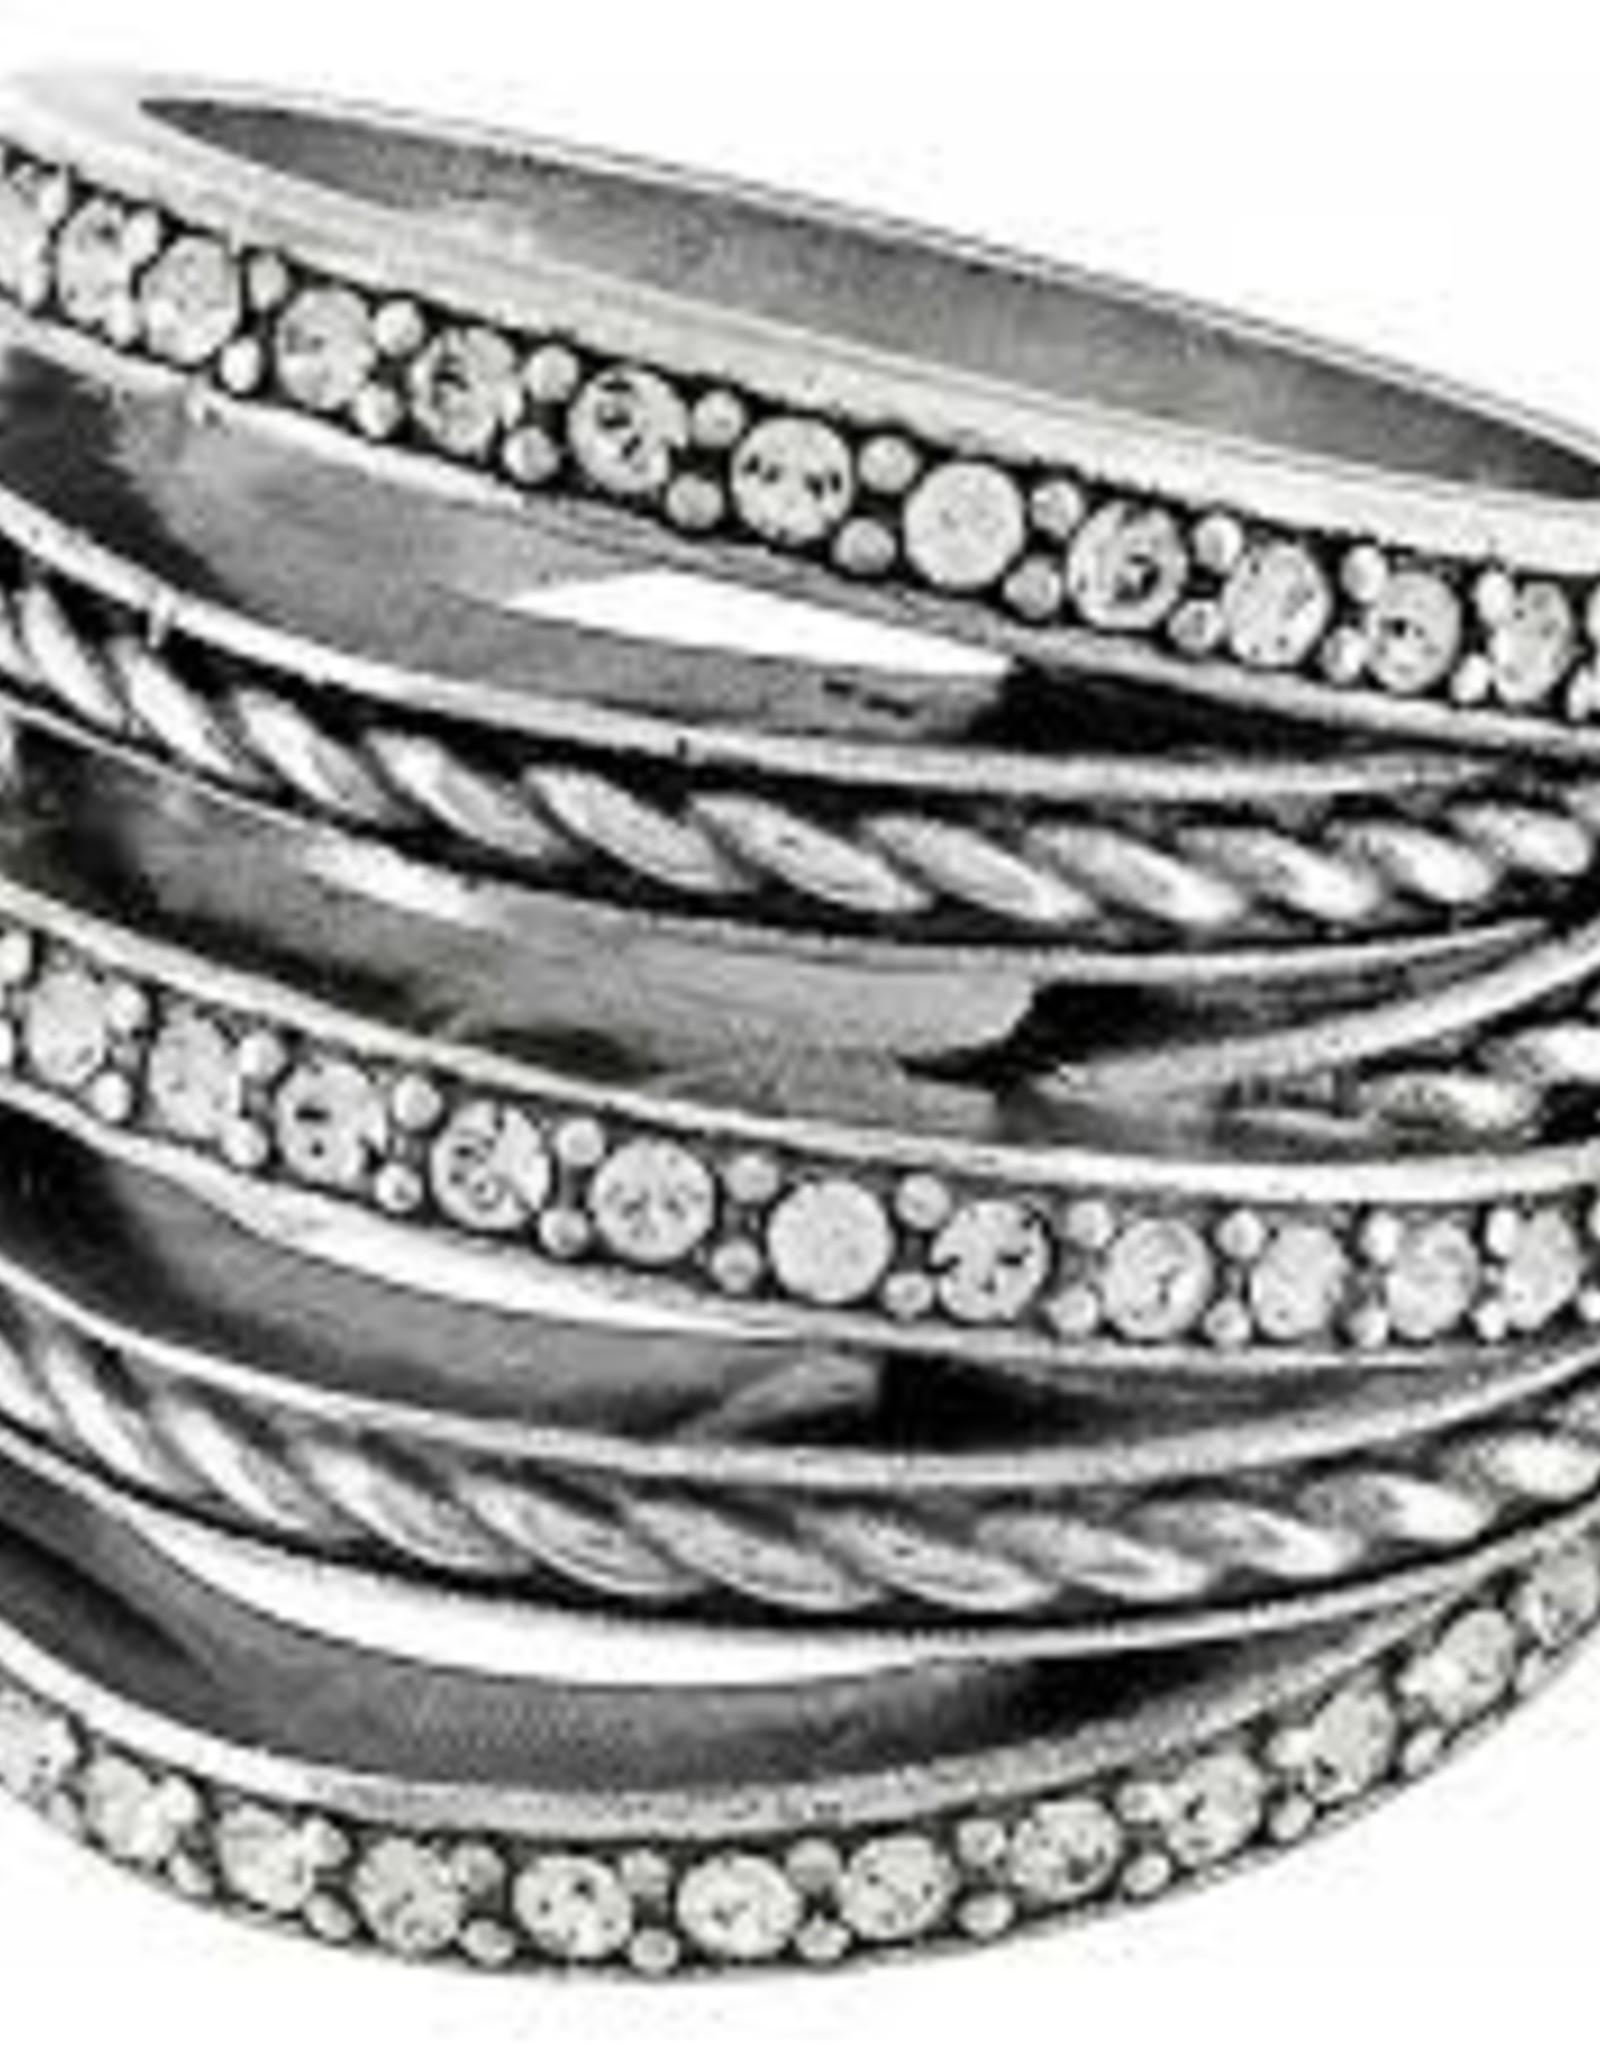 Brighton Brighton Neptune's Rings Ring, Silver